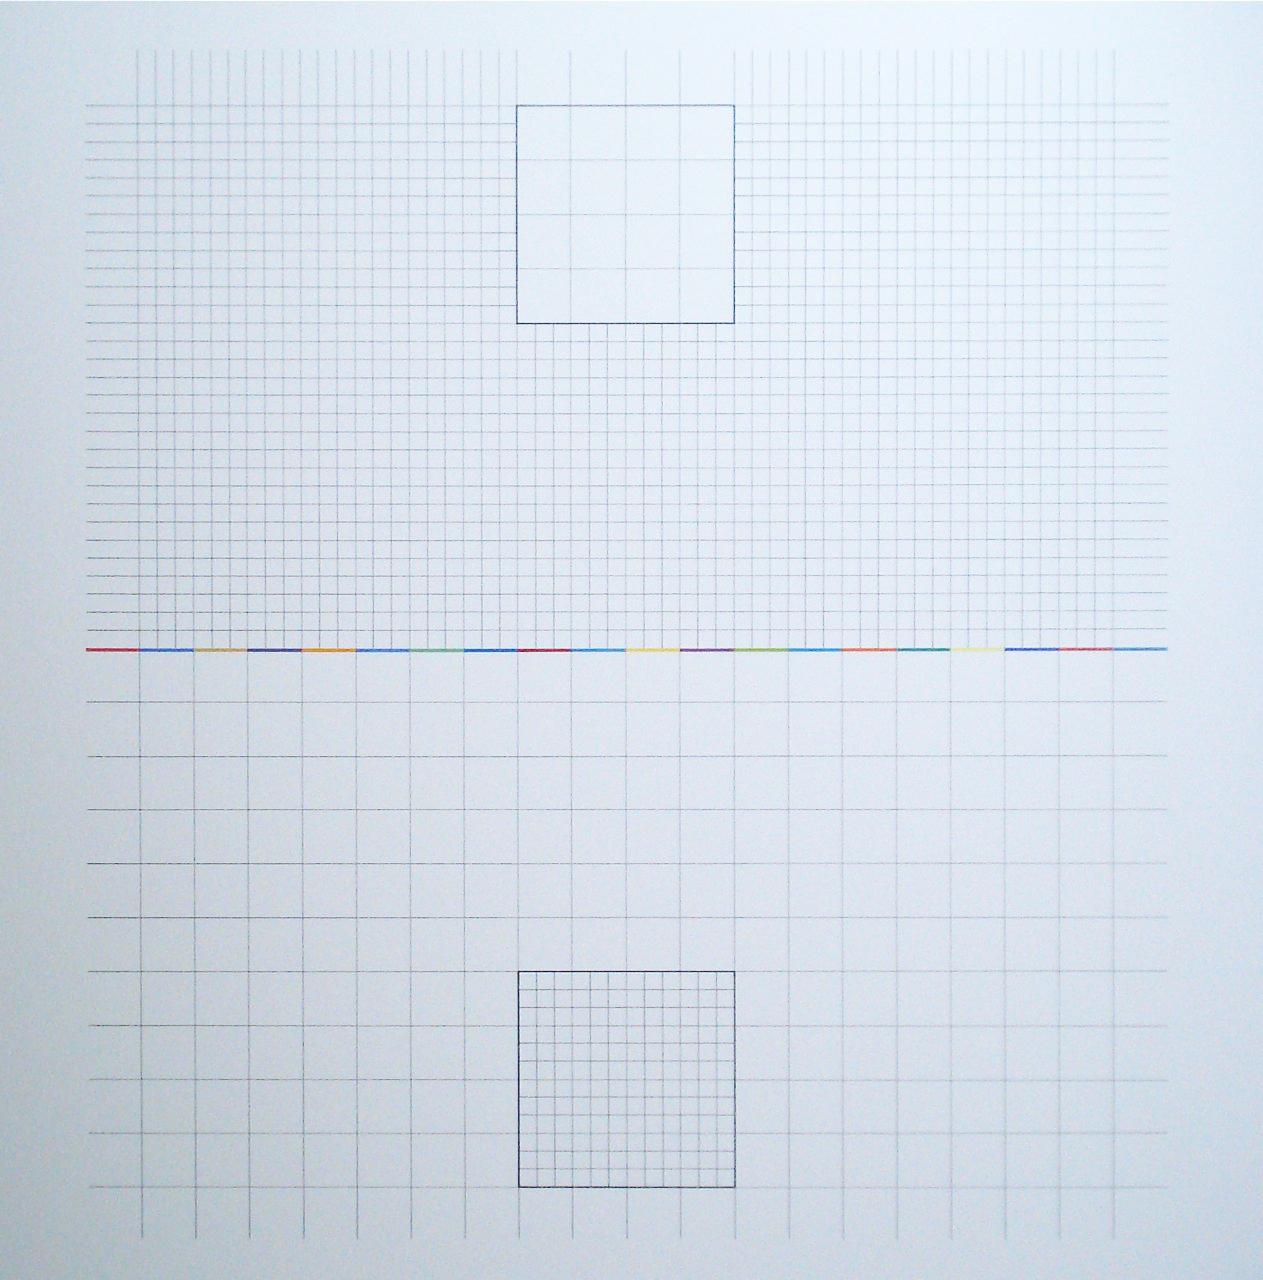 Yantra-ipsum-inversus(3)2013.Mar, acrylic on canvas, 35 7/16 x 35 7/16 in. [90x90cm]